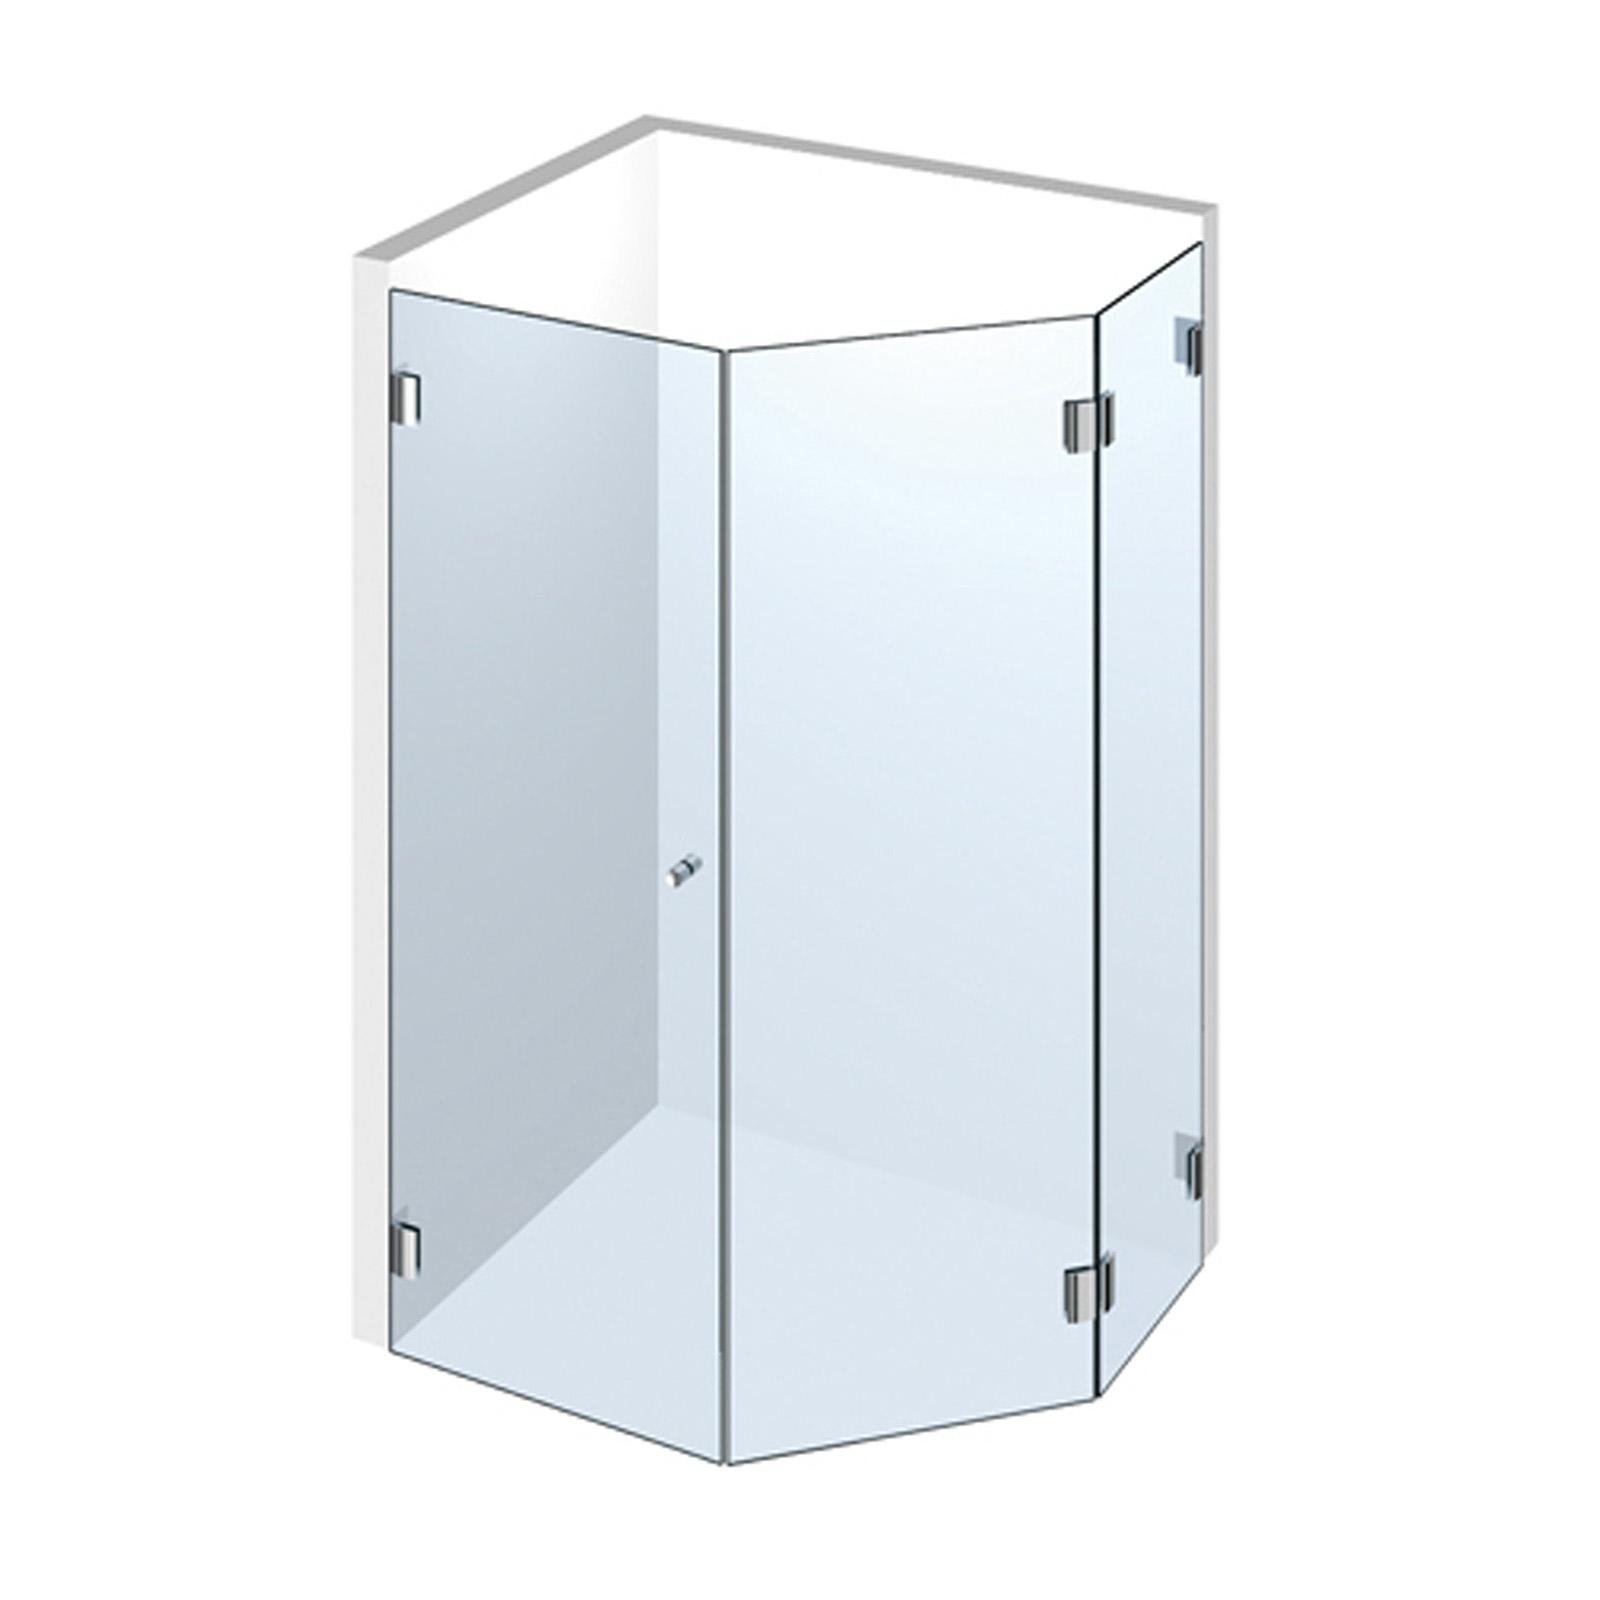 echtglasdusche typ 310 weitere aus glas duschkabinen duschw nde. Black Bedroom Furniture Sets. Home Design Ideas